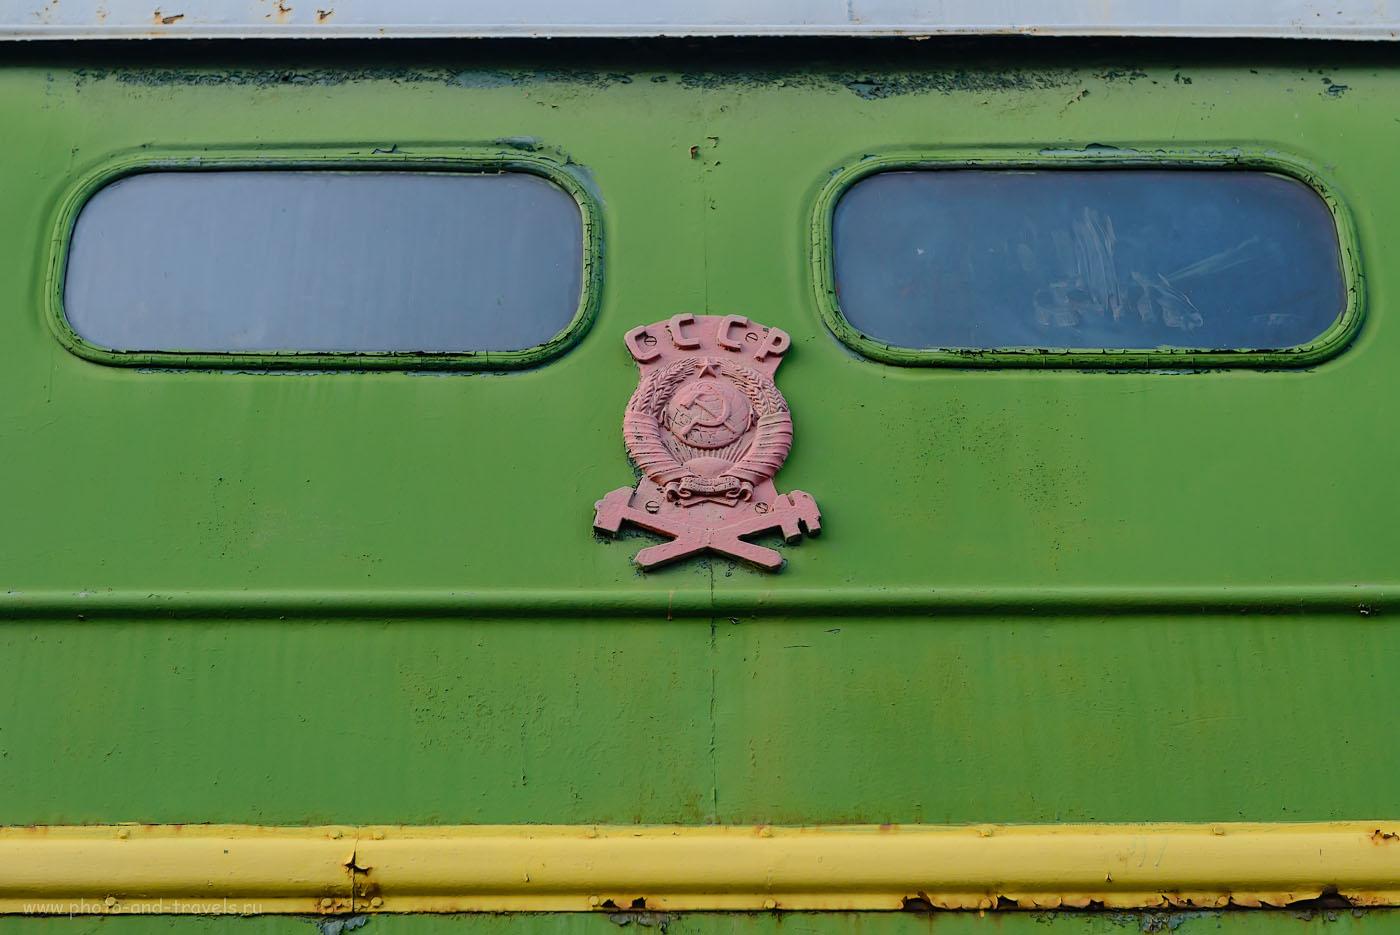 Фотография 20. Все экспонаты, представленные на этой выставке, произведены в СССР. Отзыв об экскурсии в железнодорожный музей. 1/160, 4.5, 720, 62.